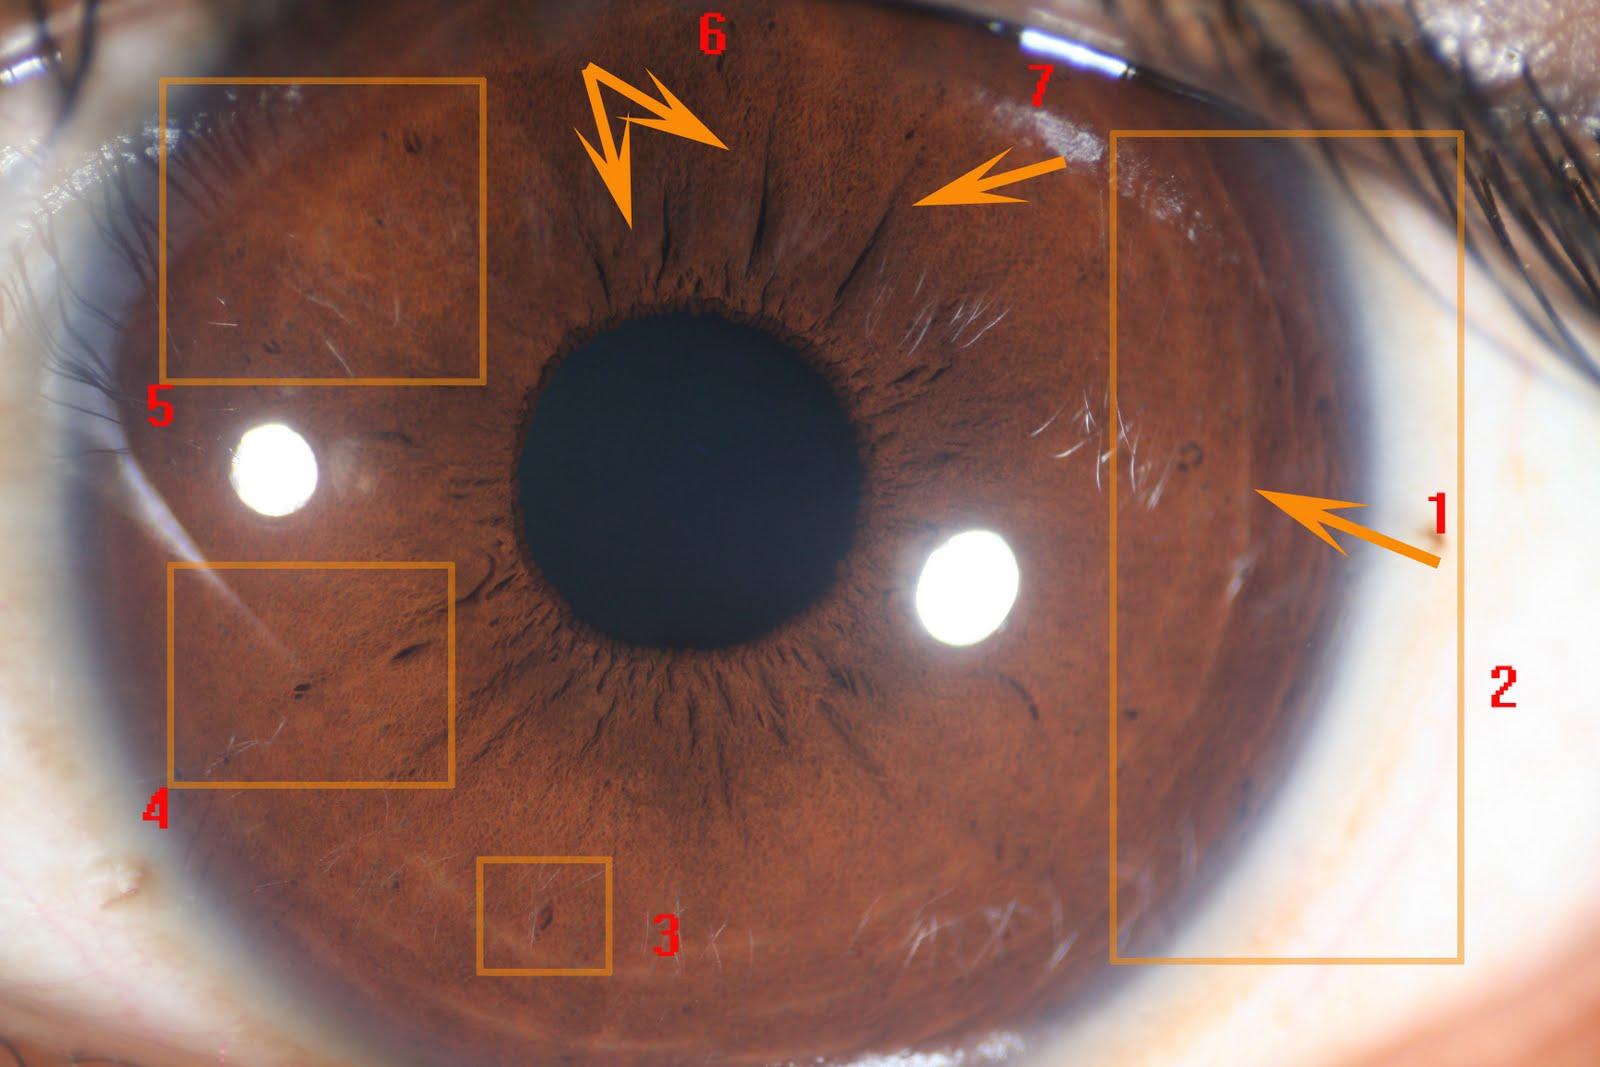 nerve rings iridology